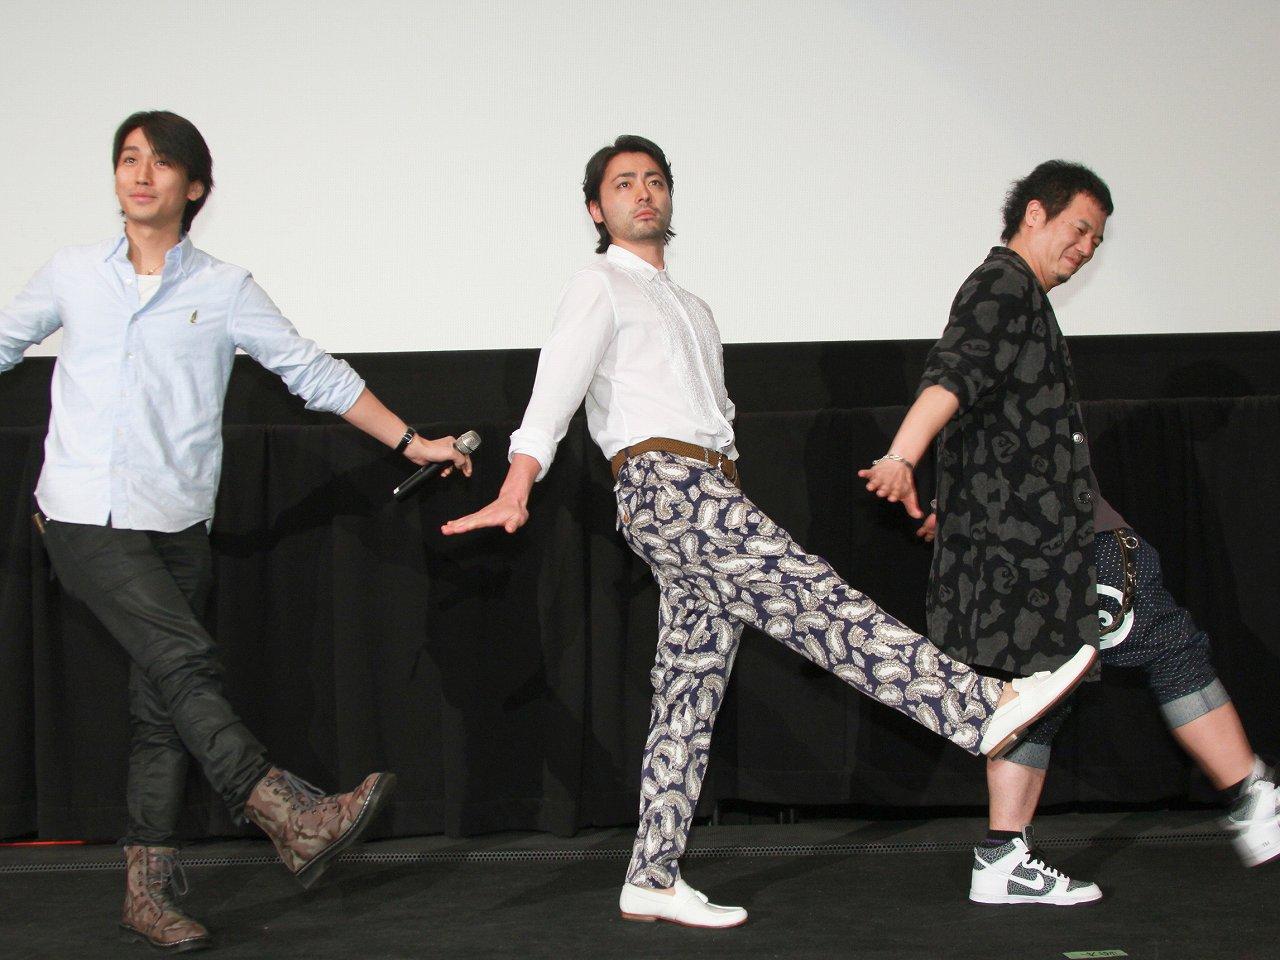 映画『闇金ウシジマくん Part2』の出演者、山田孝之、やべきょうすけ、崎本大海があたりまえ体操を披露